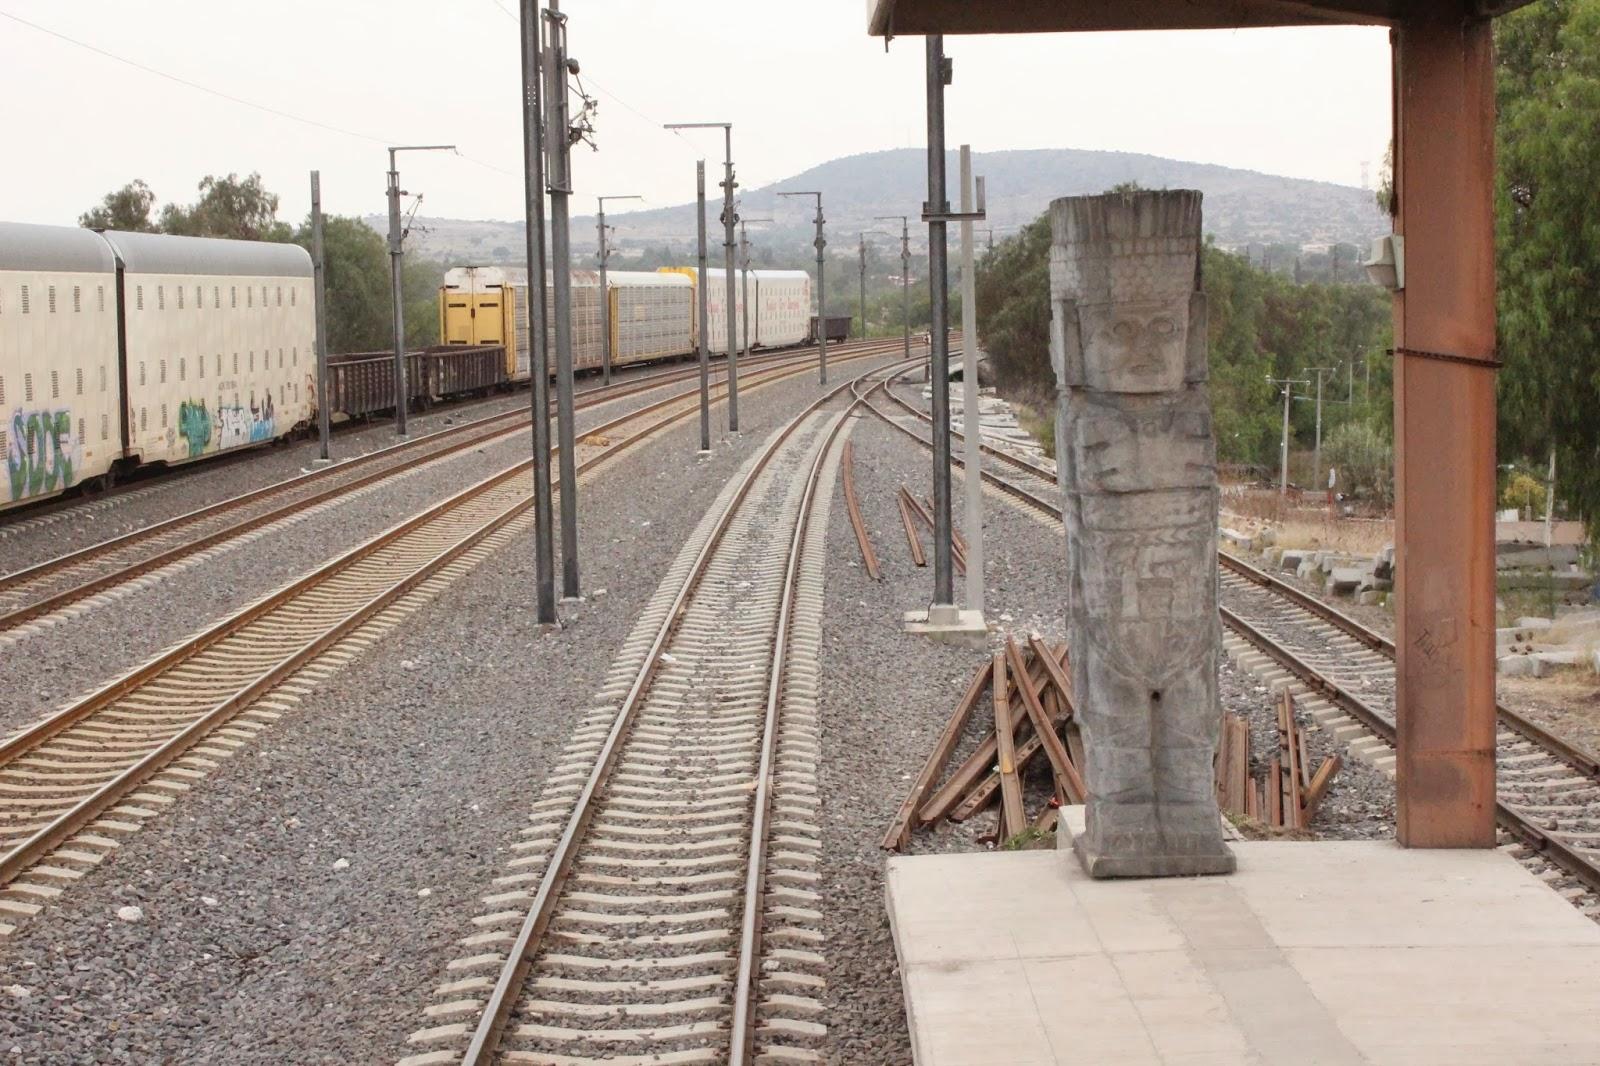 La ruta tendrá una longitud de 209,750 kilómetros, pasará por el Distrito Federal, Estado de México, Hidalgo y Querétaro.